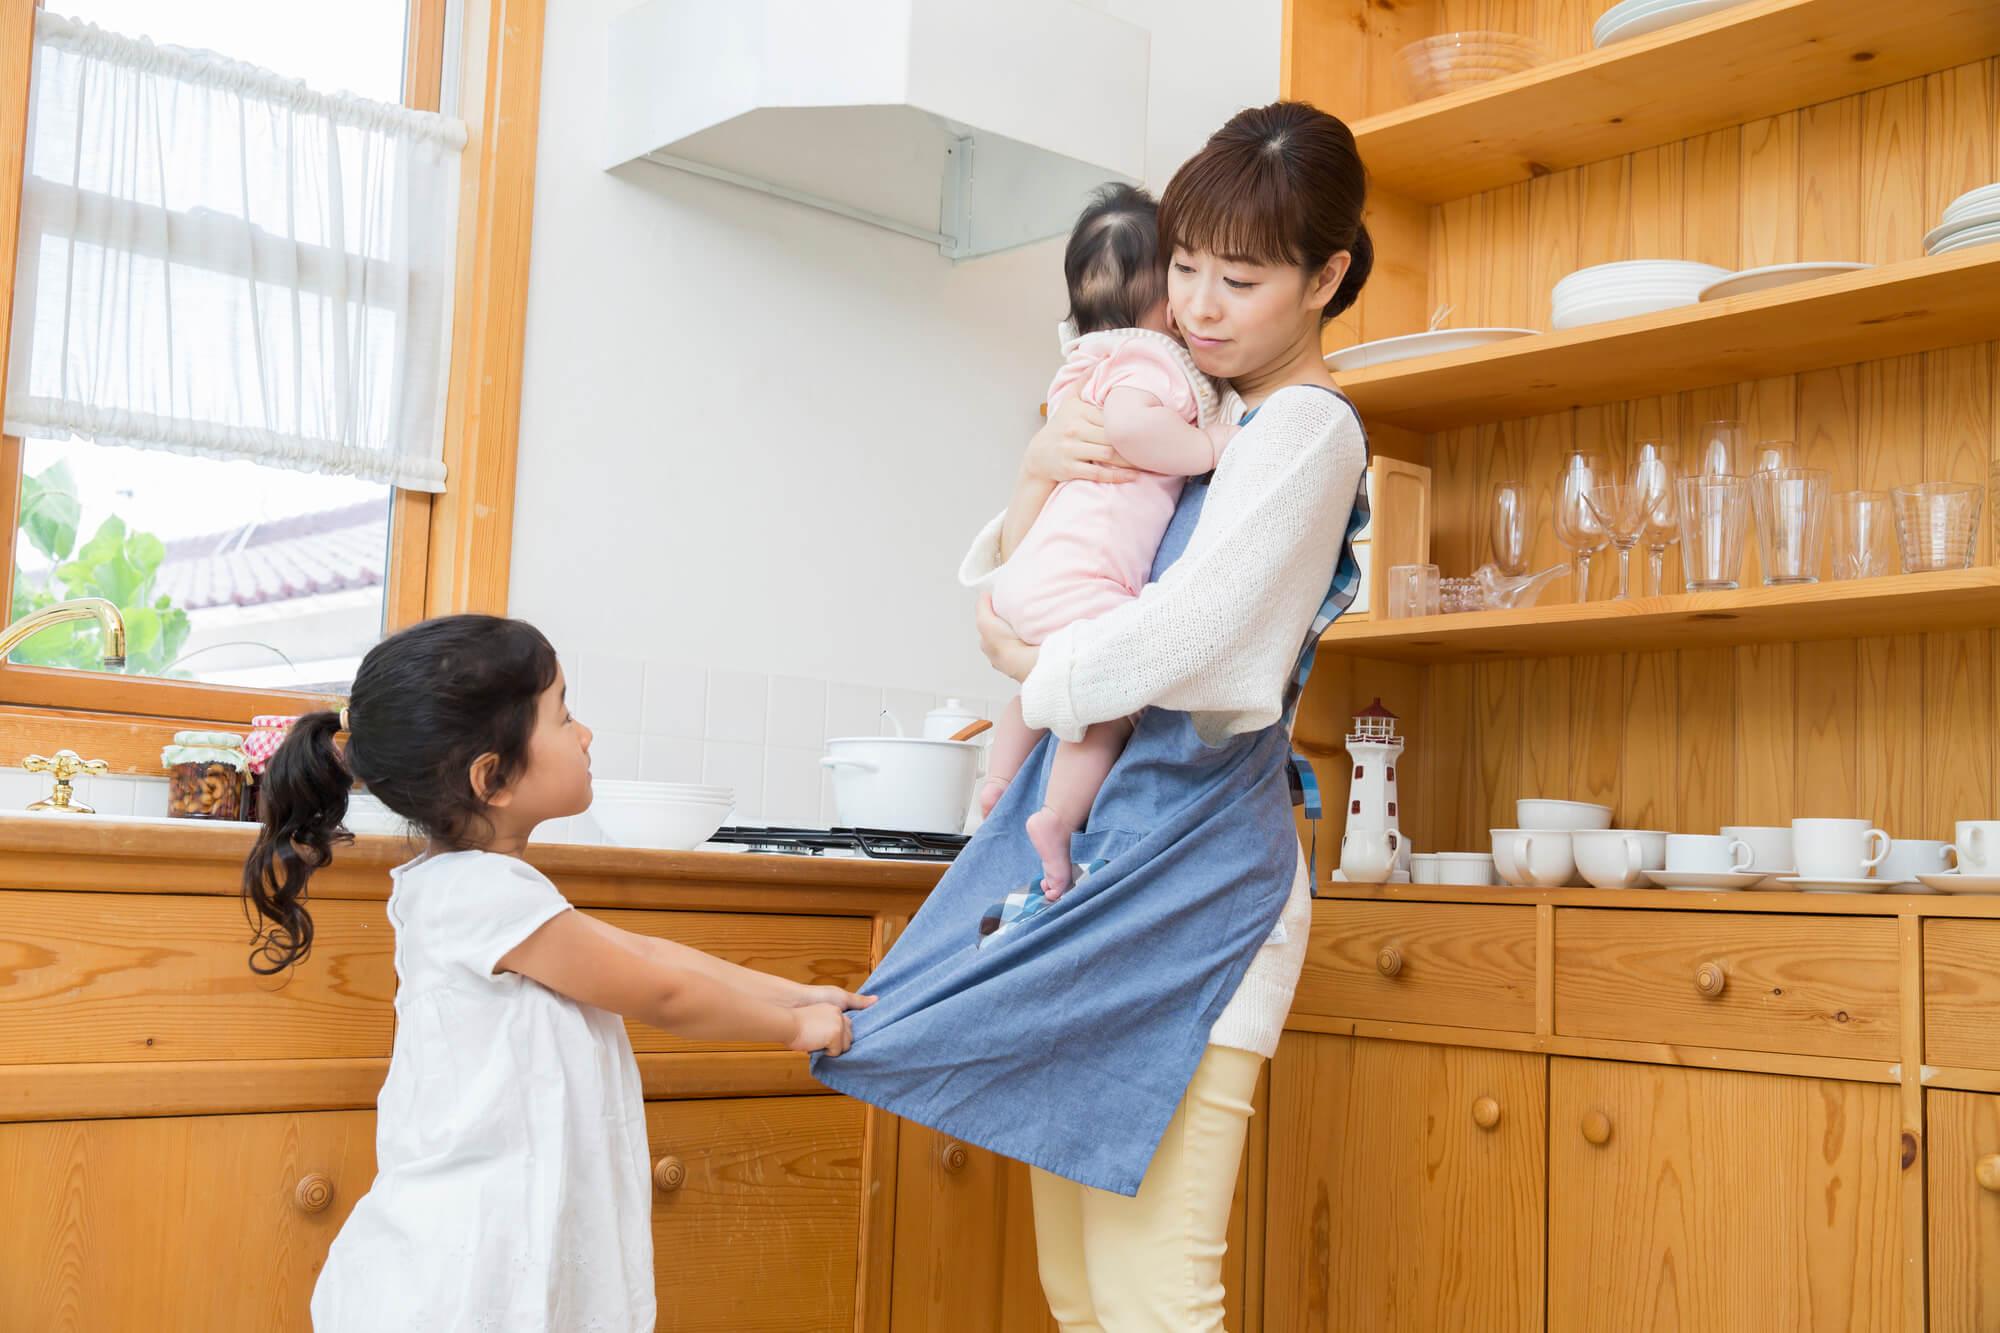 赤ちゃんを抱っこするお母さんとかまってほしい女の子